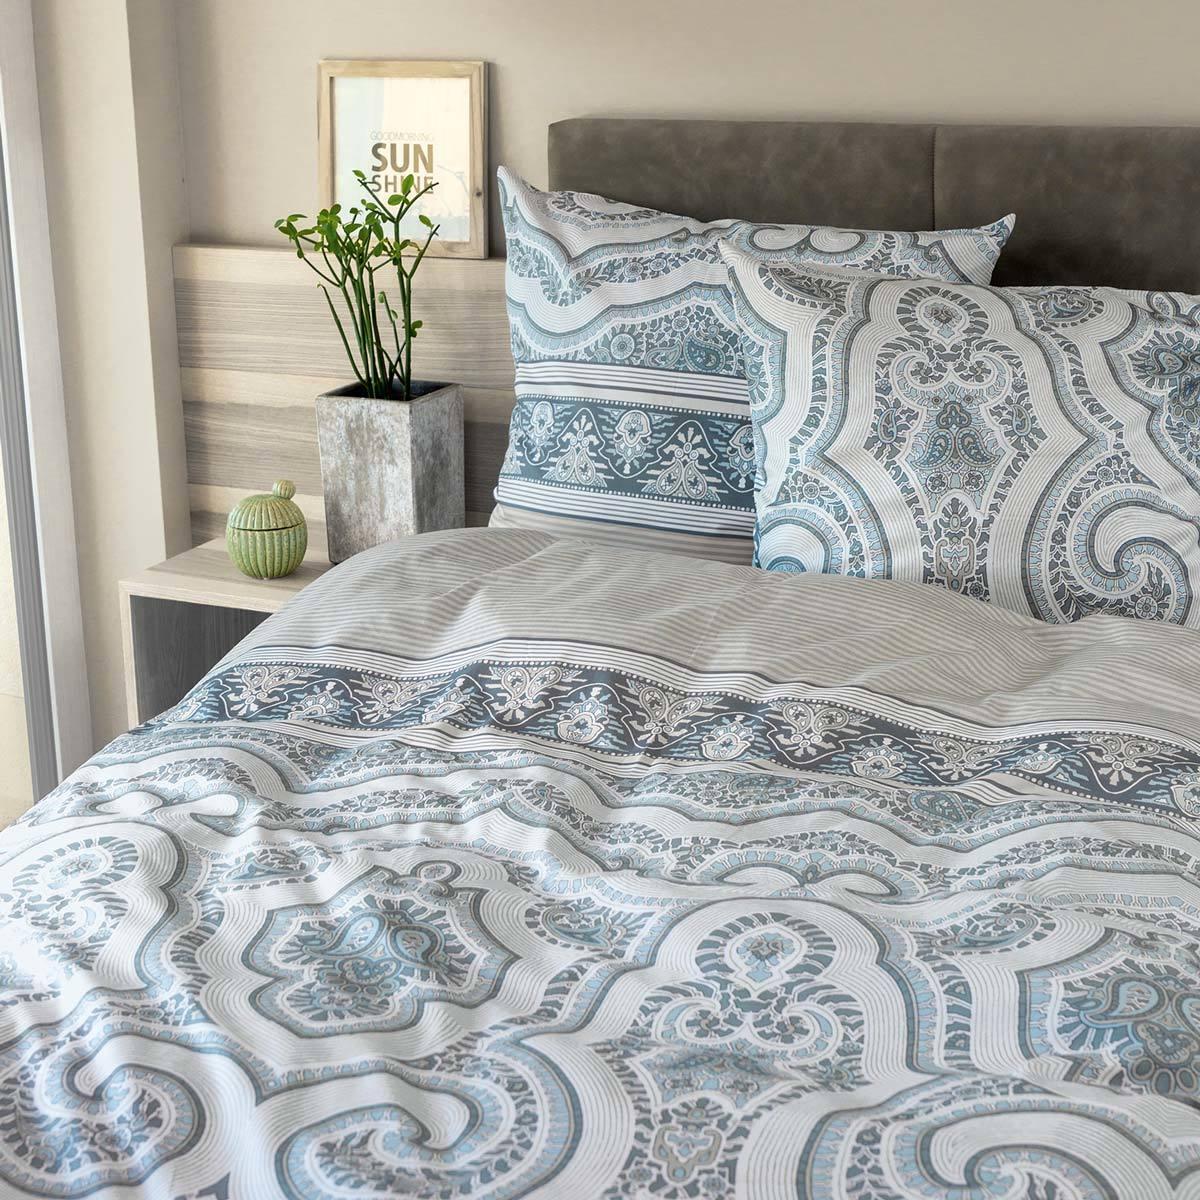 ibena feinflanell bettw sche zeitgeist 6116 630 g nstig online kaufen bei bettwaren shop. Black Bedroom Furniture Sets. Home Design Ideas